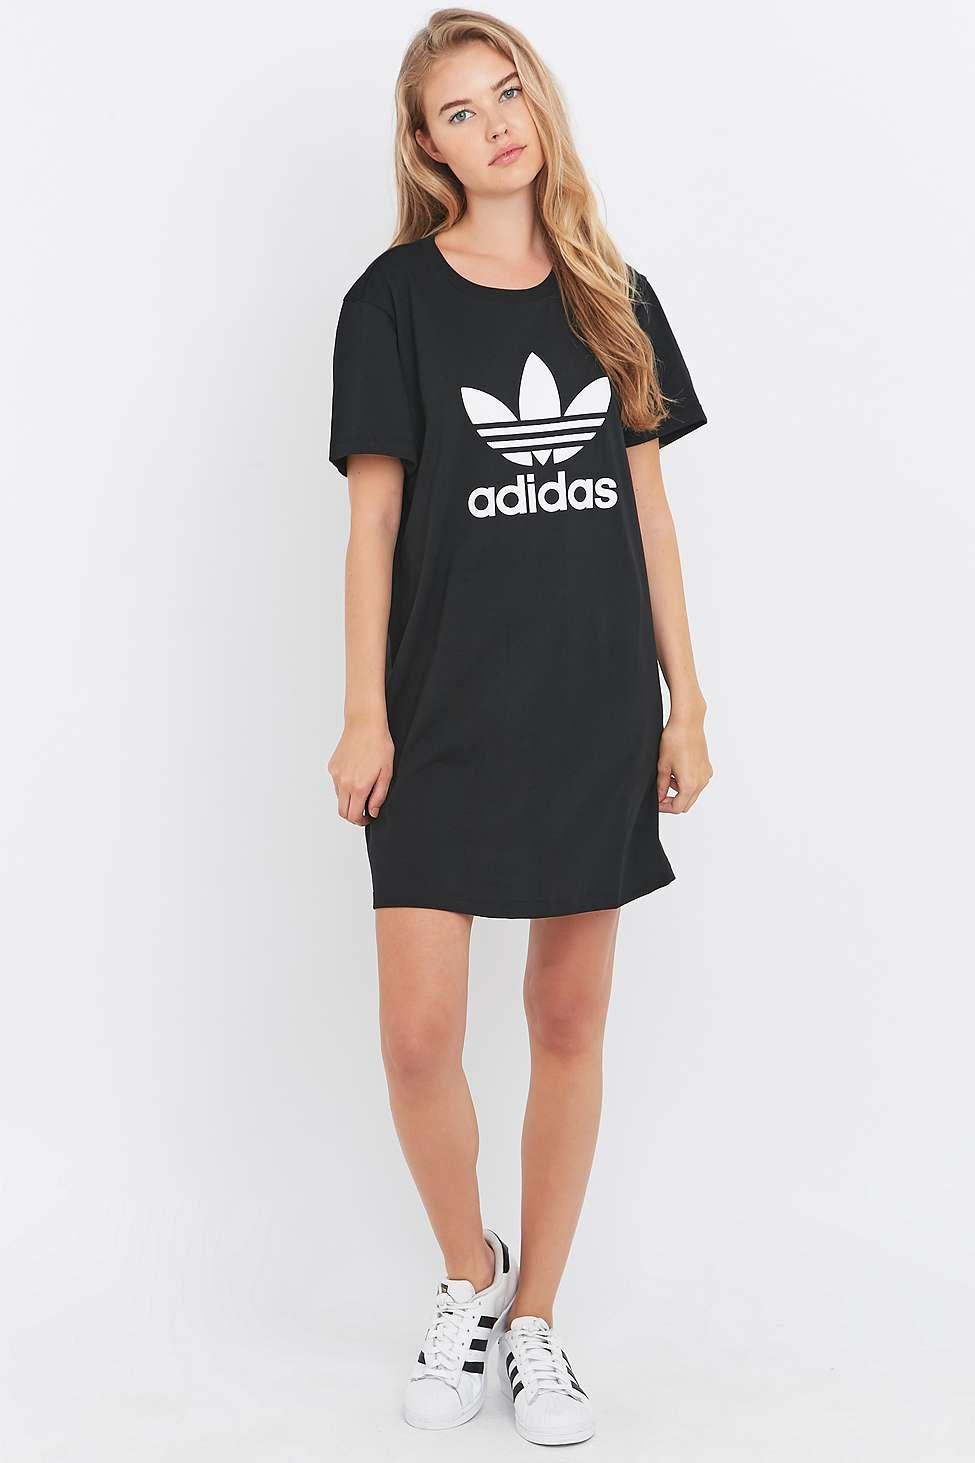 adidas originals black trefoil t shirt dress in black lyst. Black Bedroom Furniture Sets. Home Design Ideas